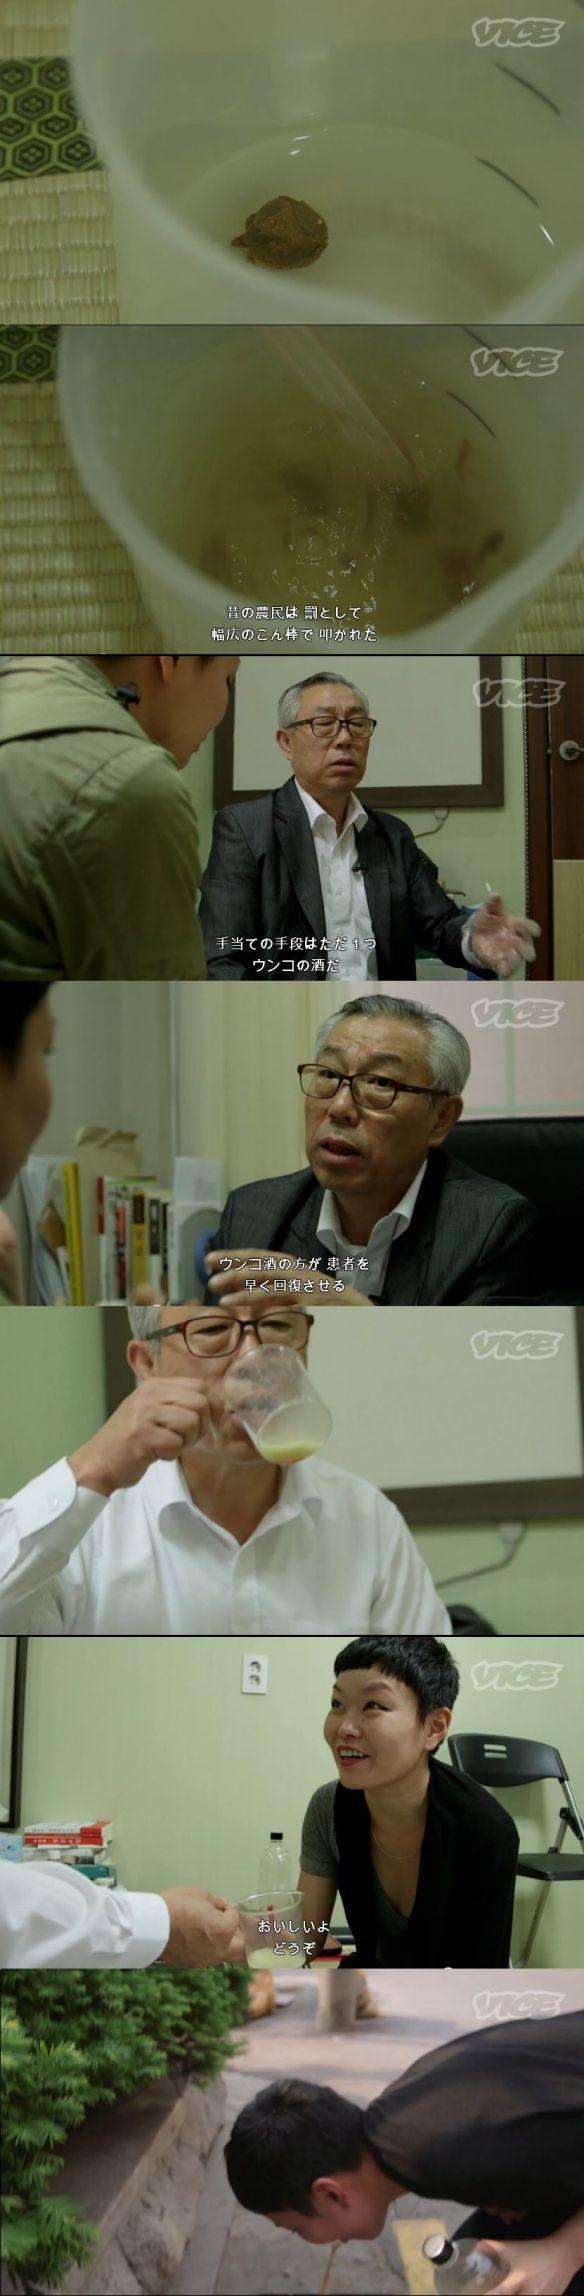 英国「韓国人は正気ではない」全世界に広がる人糞酒トンスルの反応